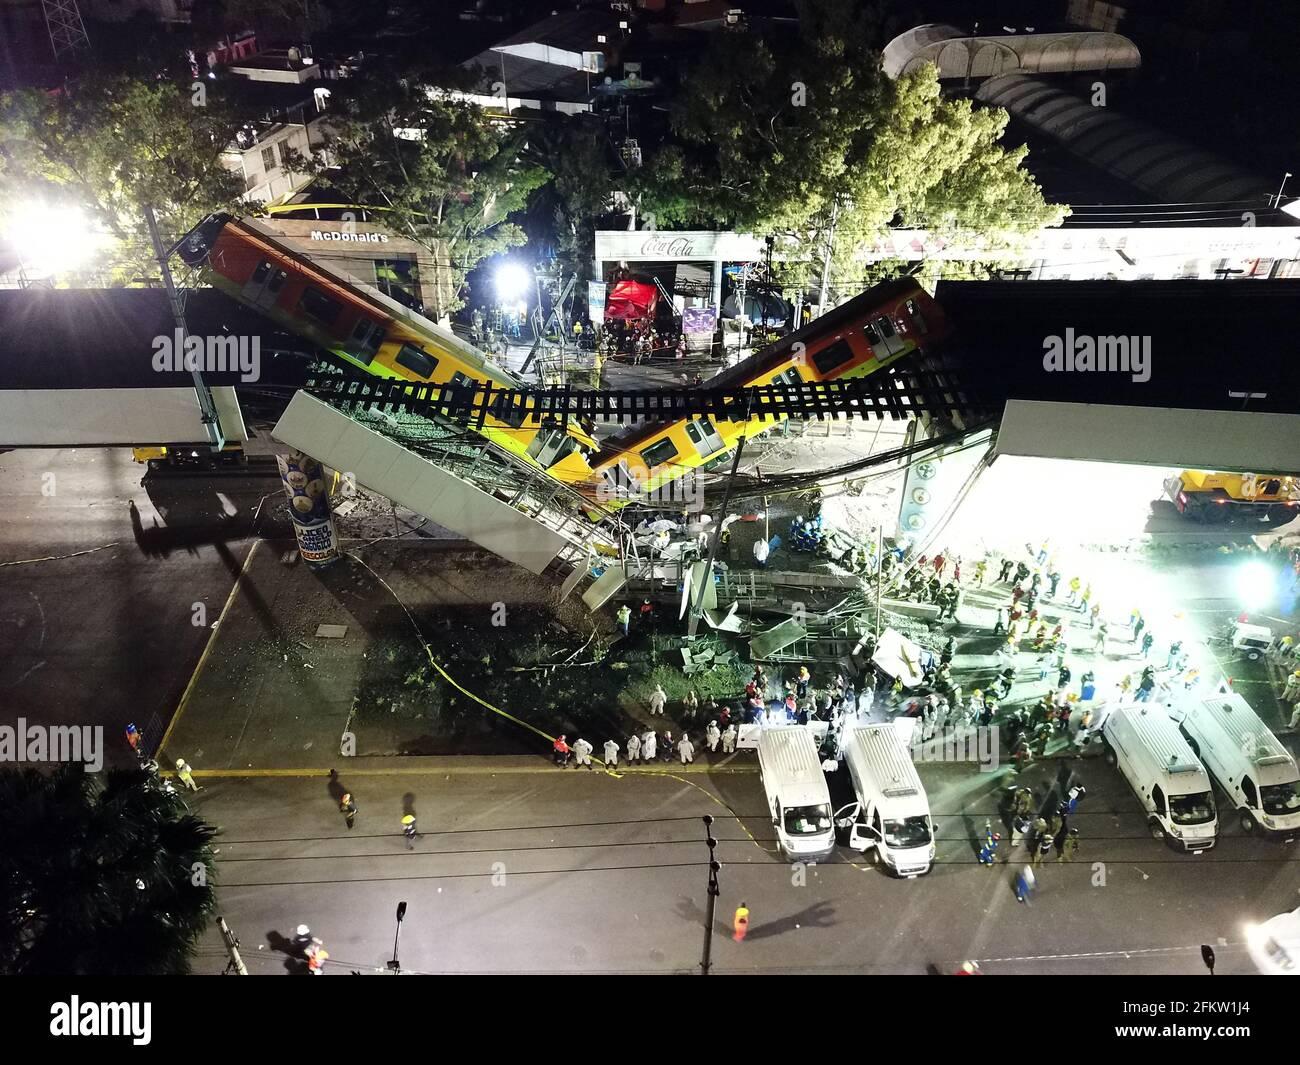 Mexiko-Stadt. Mai 2021. Luftaufnahme vom 4. Mai 2021 zeigt die Szene eines Einsturzes einer U-Bahn-Brücke in Mexiko-Stadt, Mexiko. Nach einem aktualisierten vorläufigen Bericht der lokalen Behörden wurden nach dem Einsturz einer U-Bahn-Brücke im Süden von Mexiko-Stadt am Montagabend mindestens 15 Menschen getötet und 70 weitere verletzt. Kredit: Xin Yuewei/Xinhua/Alamy Live Nachrichten Stockfoto